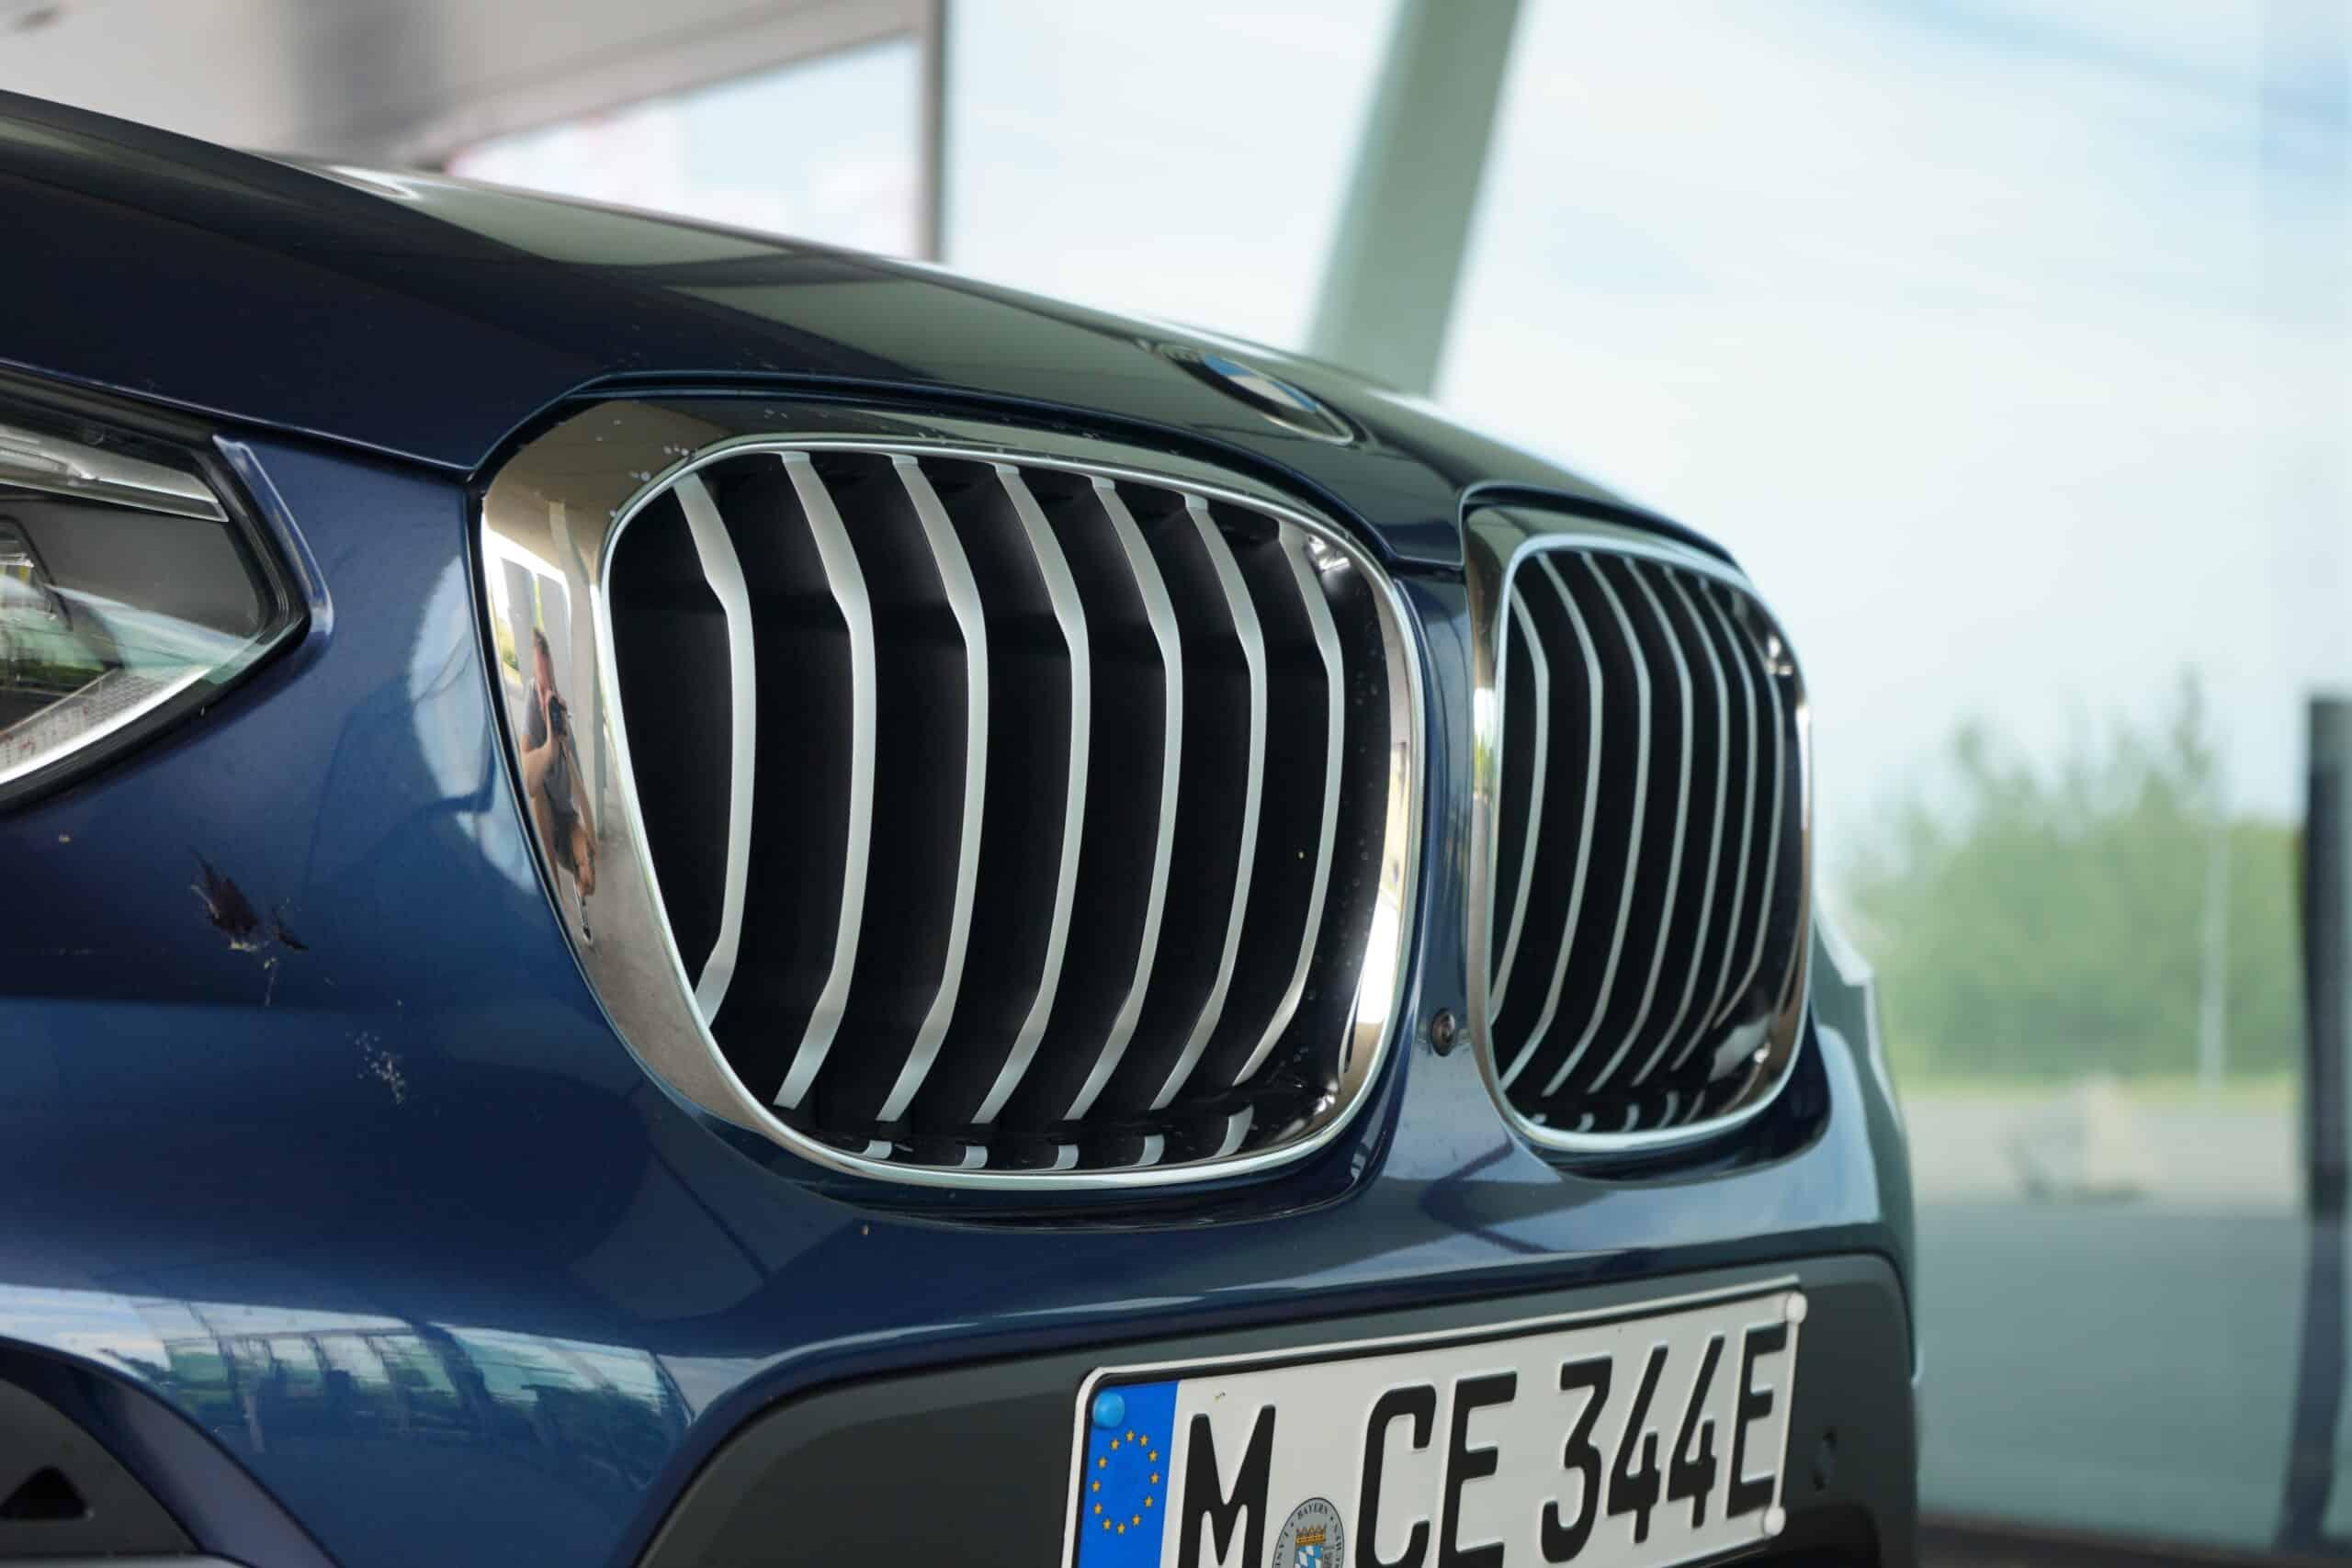 BMW X3 Plug-in Hybrid (292 PS) I Meine Eindrücke des X3 xDrive30e I Test I Review I Sound I POV